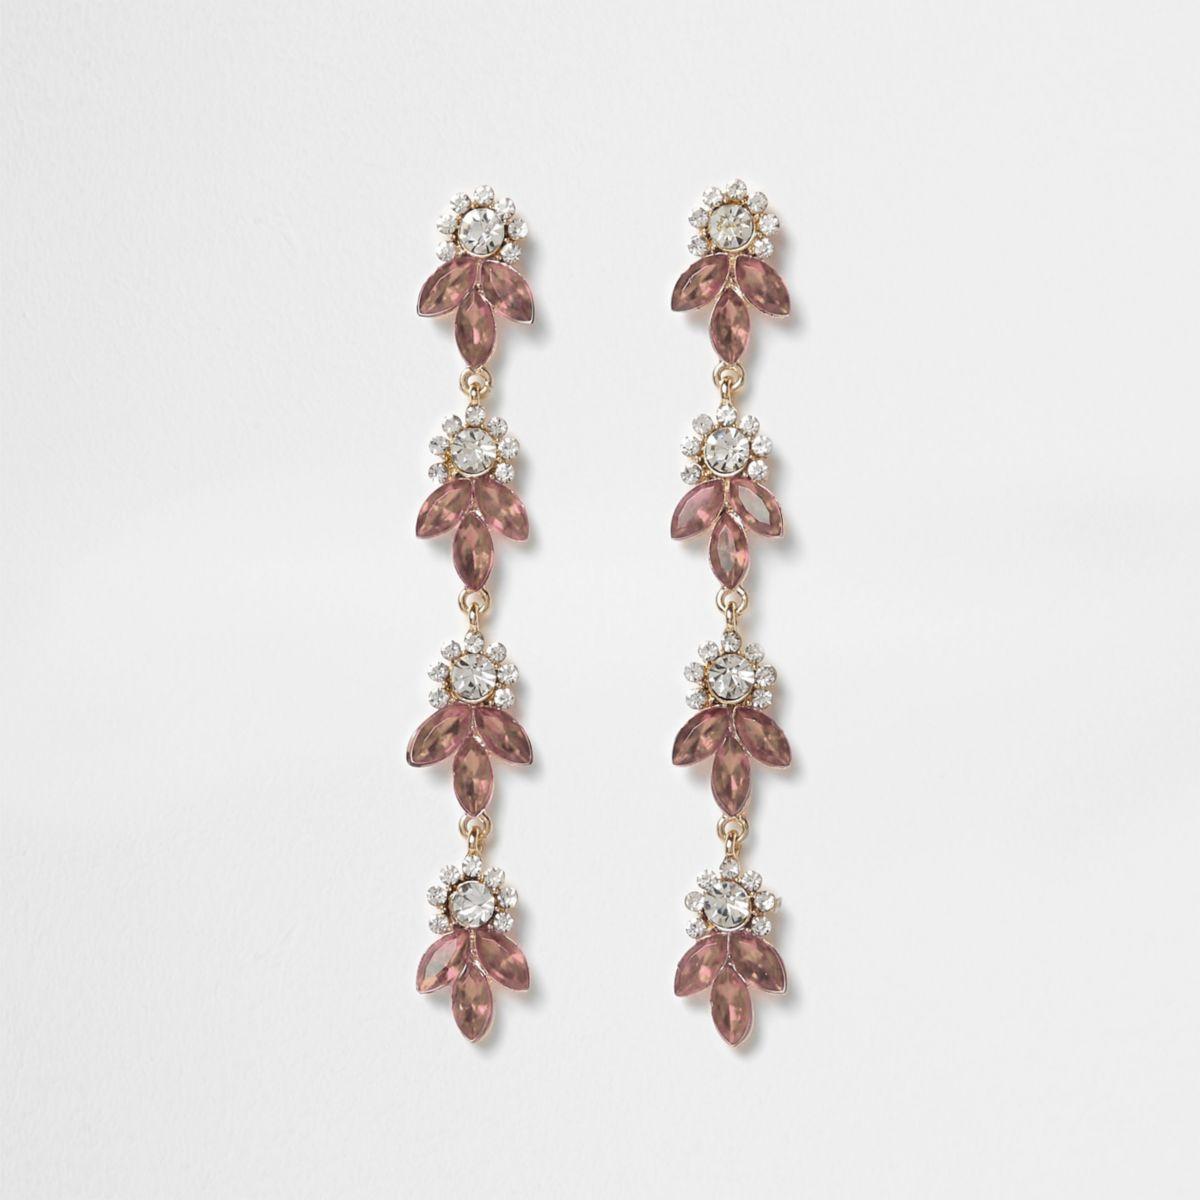 Rose gold tone rhinestone leaf drop earrings